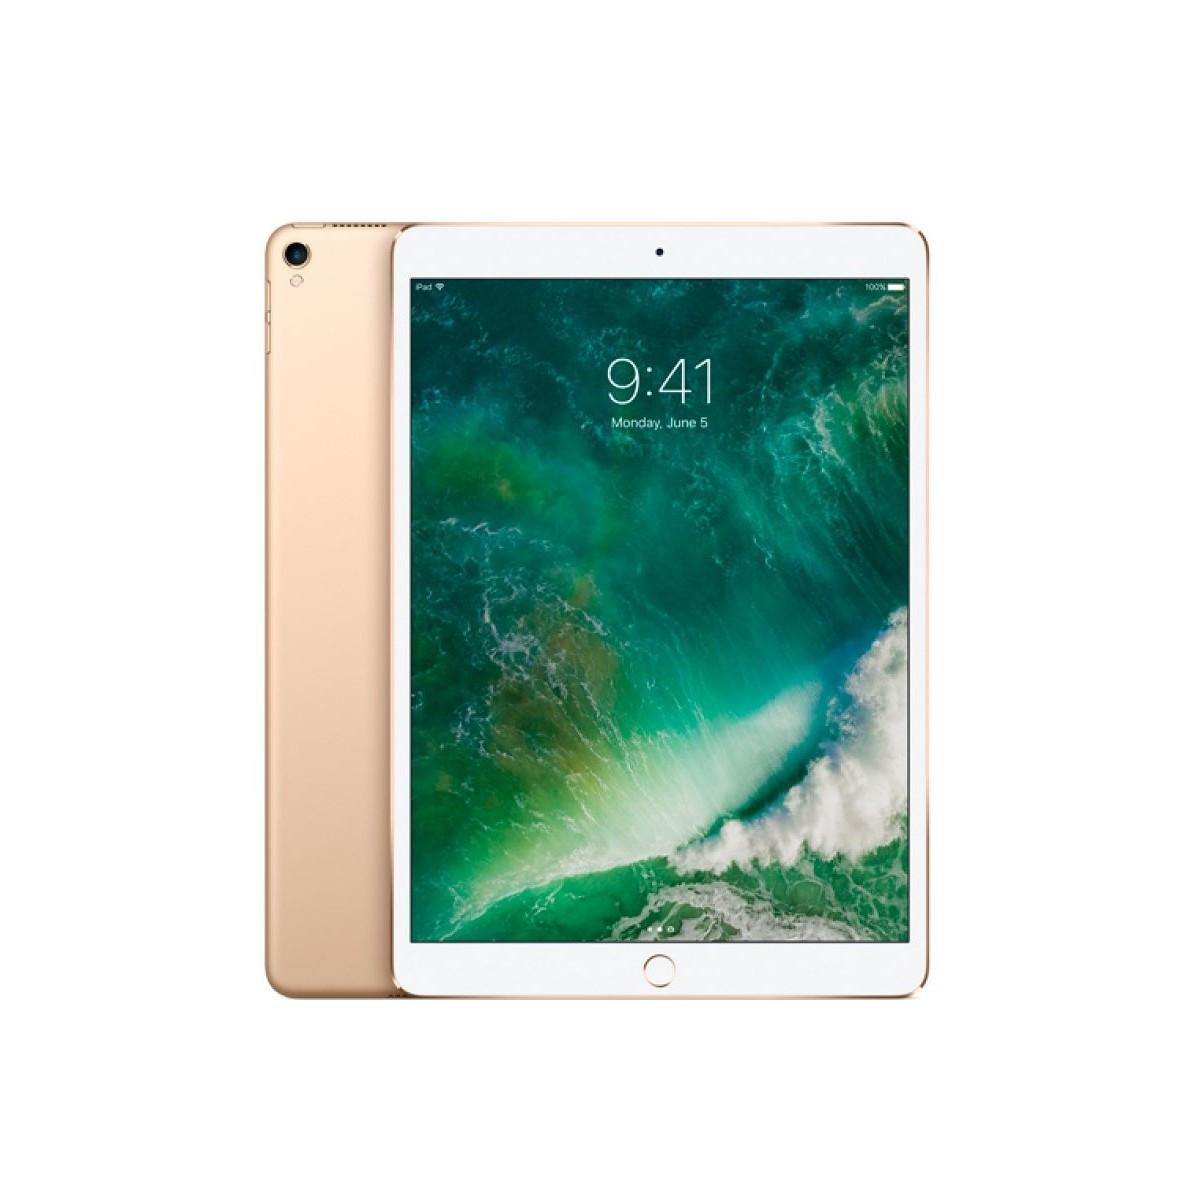 Apple iPad Pro 10.5 512Gb Wi-Fi+4G Gold (MPMG2RK) 2017